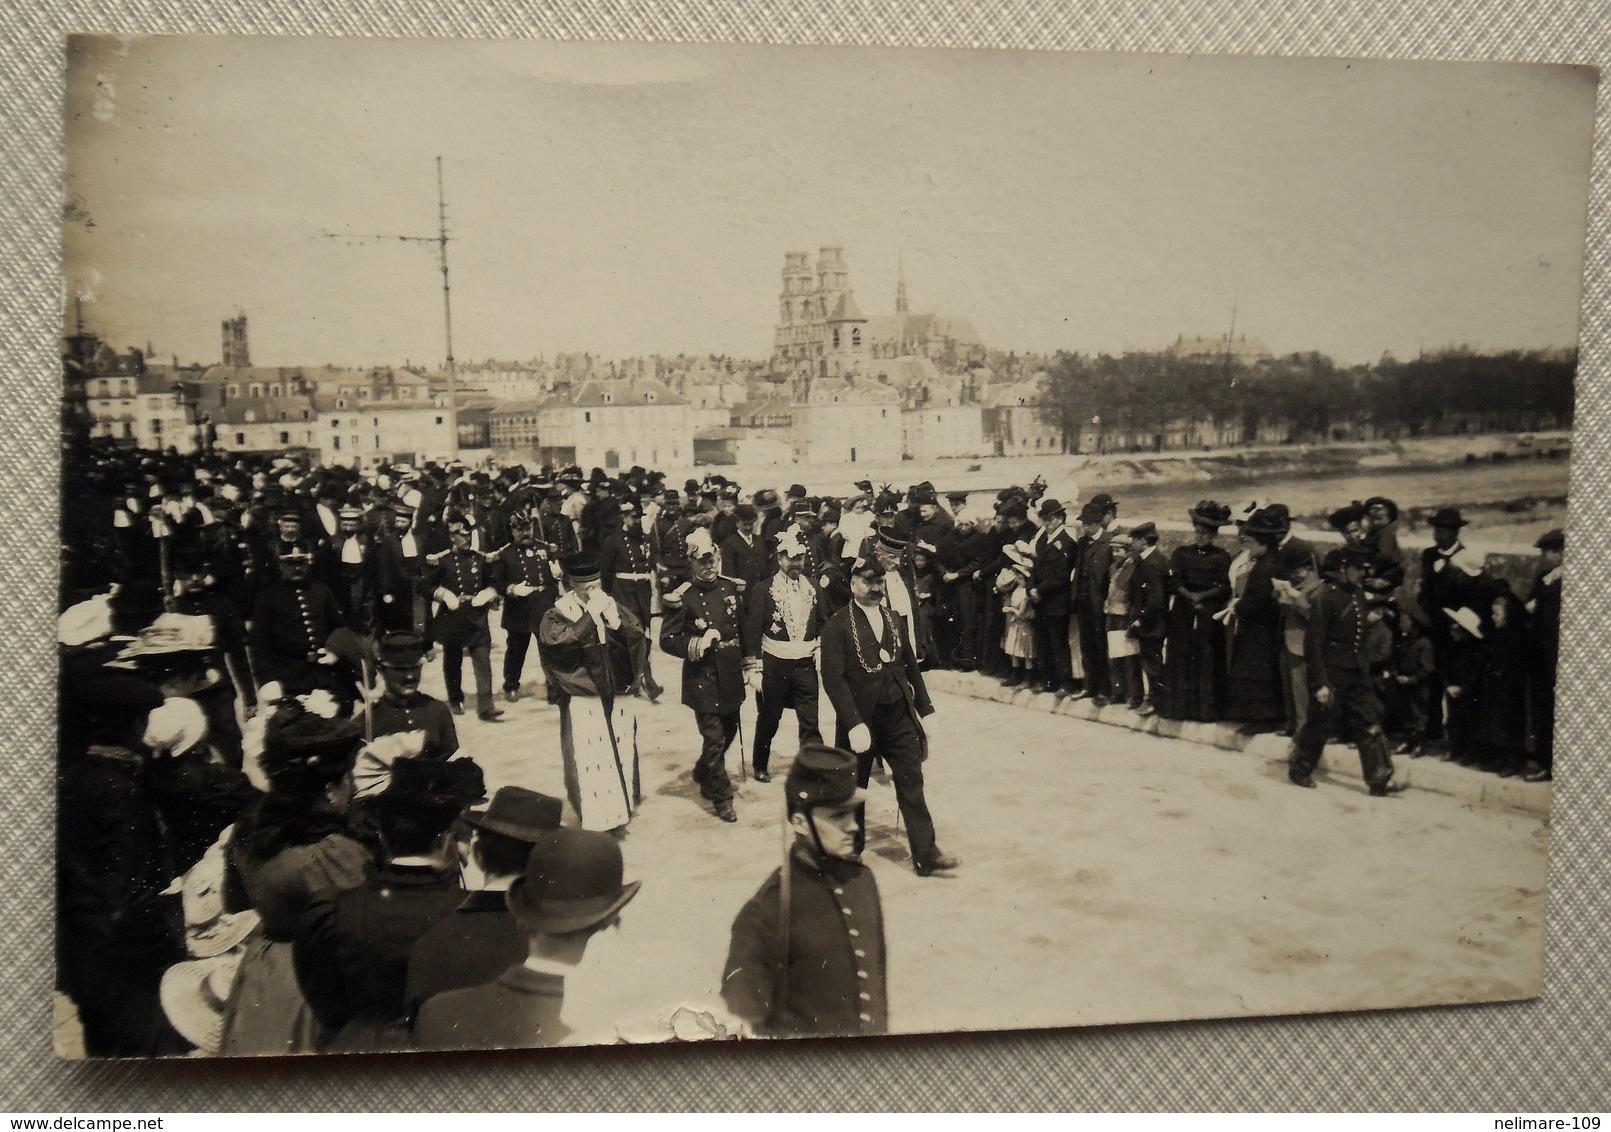 Cpa CARTE PHOTO MILITARIA AVANT GUERRE ORLEANS LOIRET 45 FÊTES JEANNE D'ARC Défilé Militaires Personnalités TASSIN - Orleans